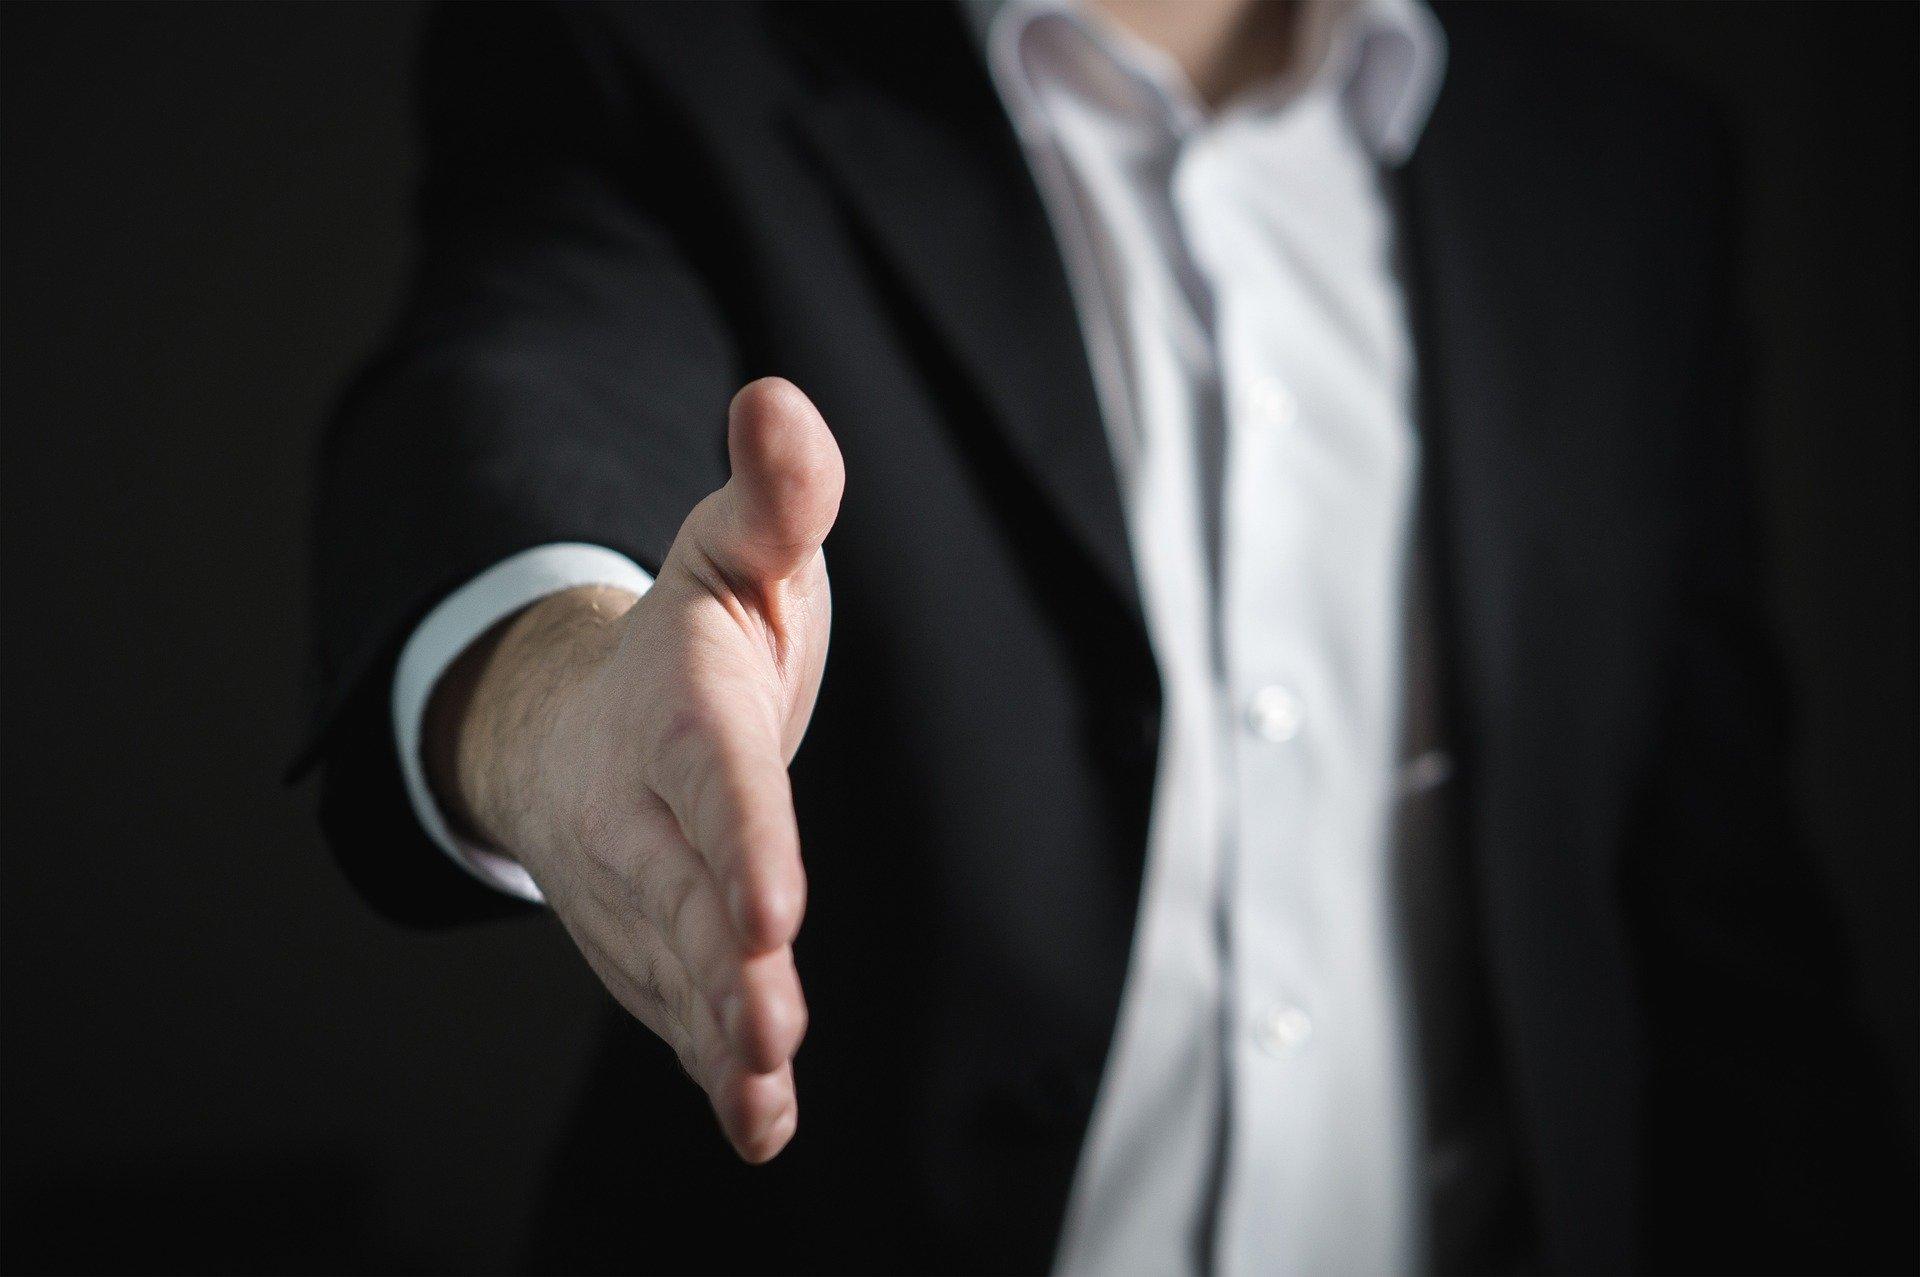 hand shake loan